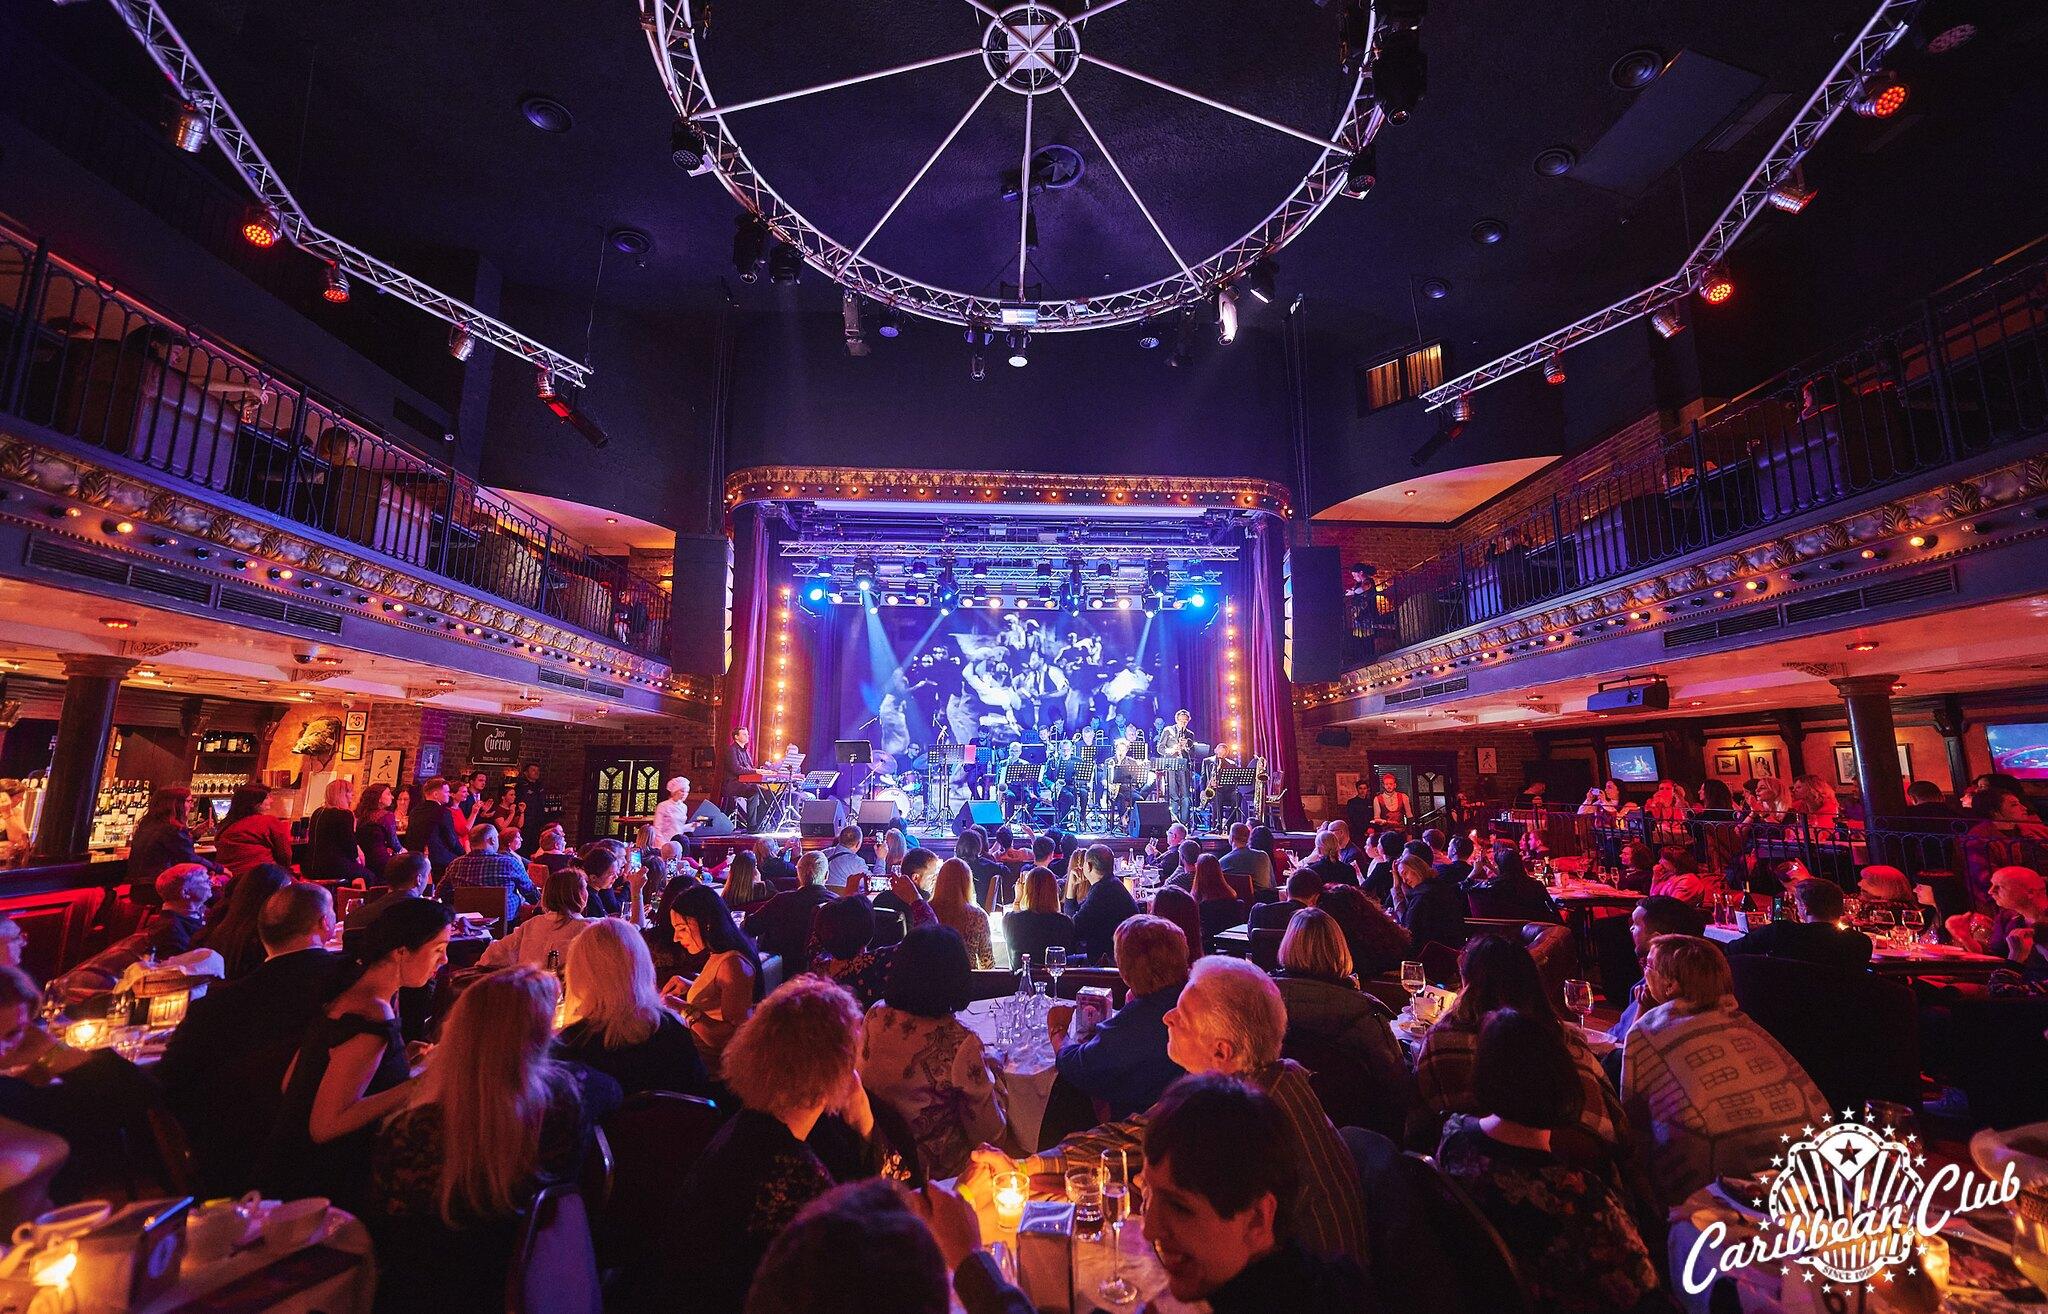 Концертная осень в Caribbean Club: афиша событий в сентябре.Вокруг Света. Украина